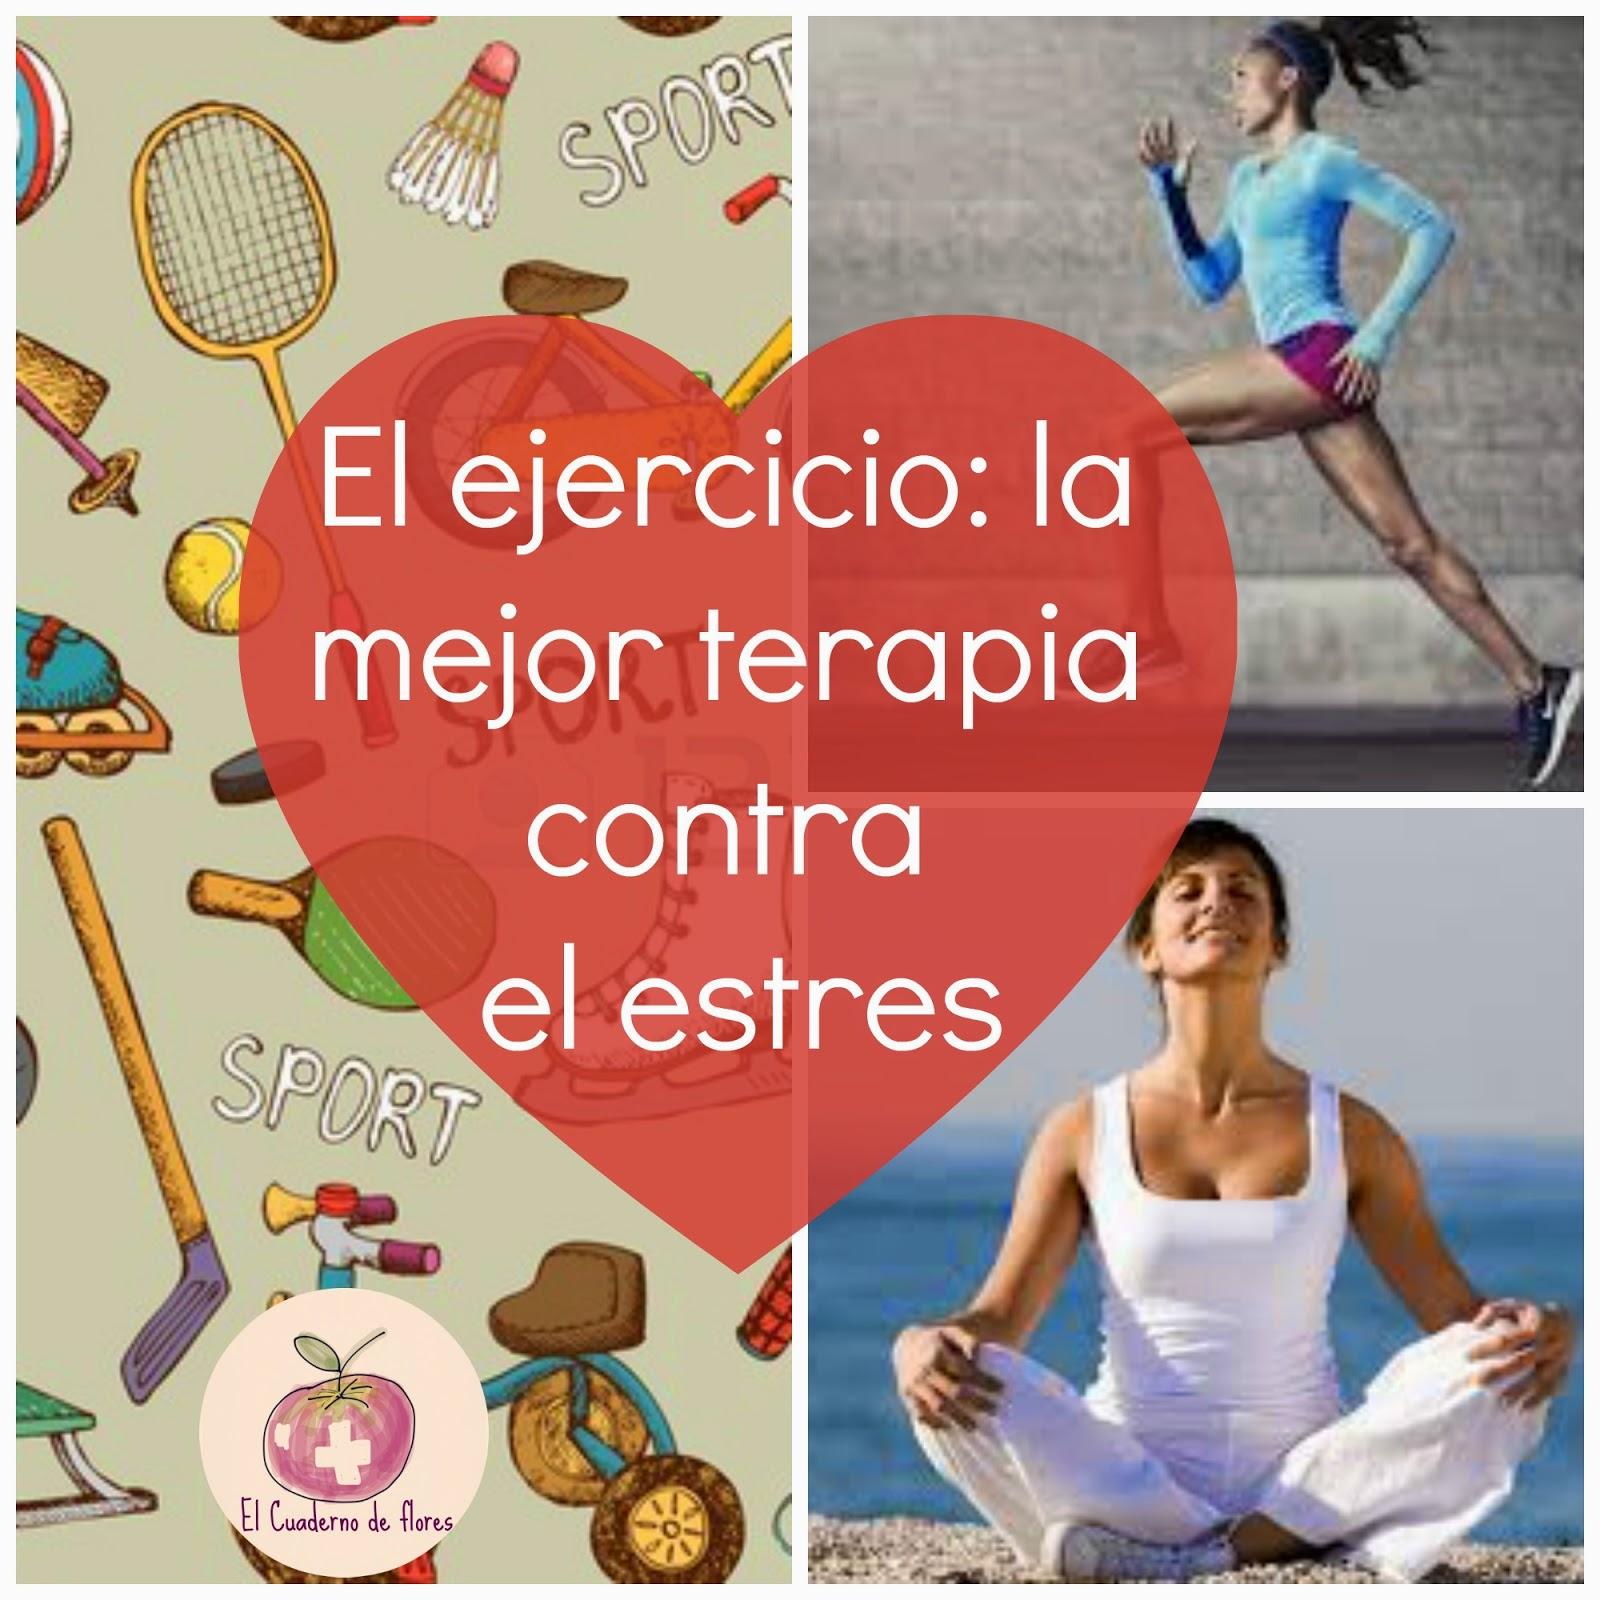 El ejercicio es la mejor terapia contra el estrés